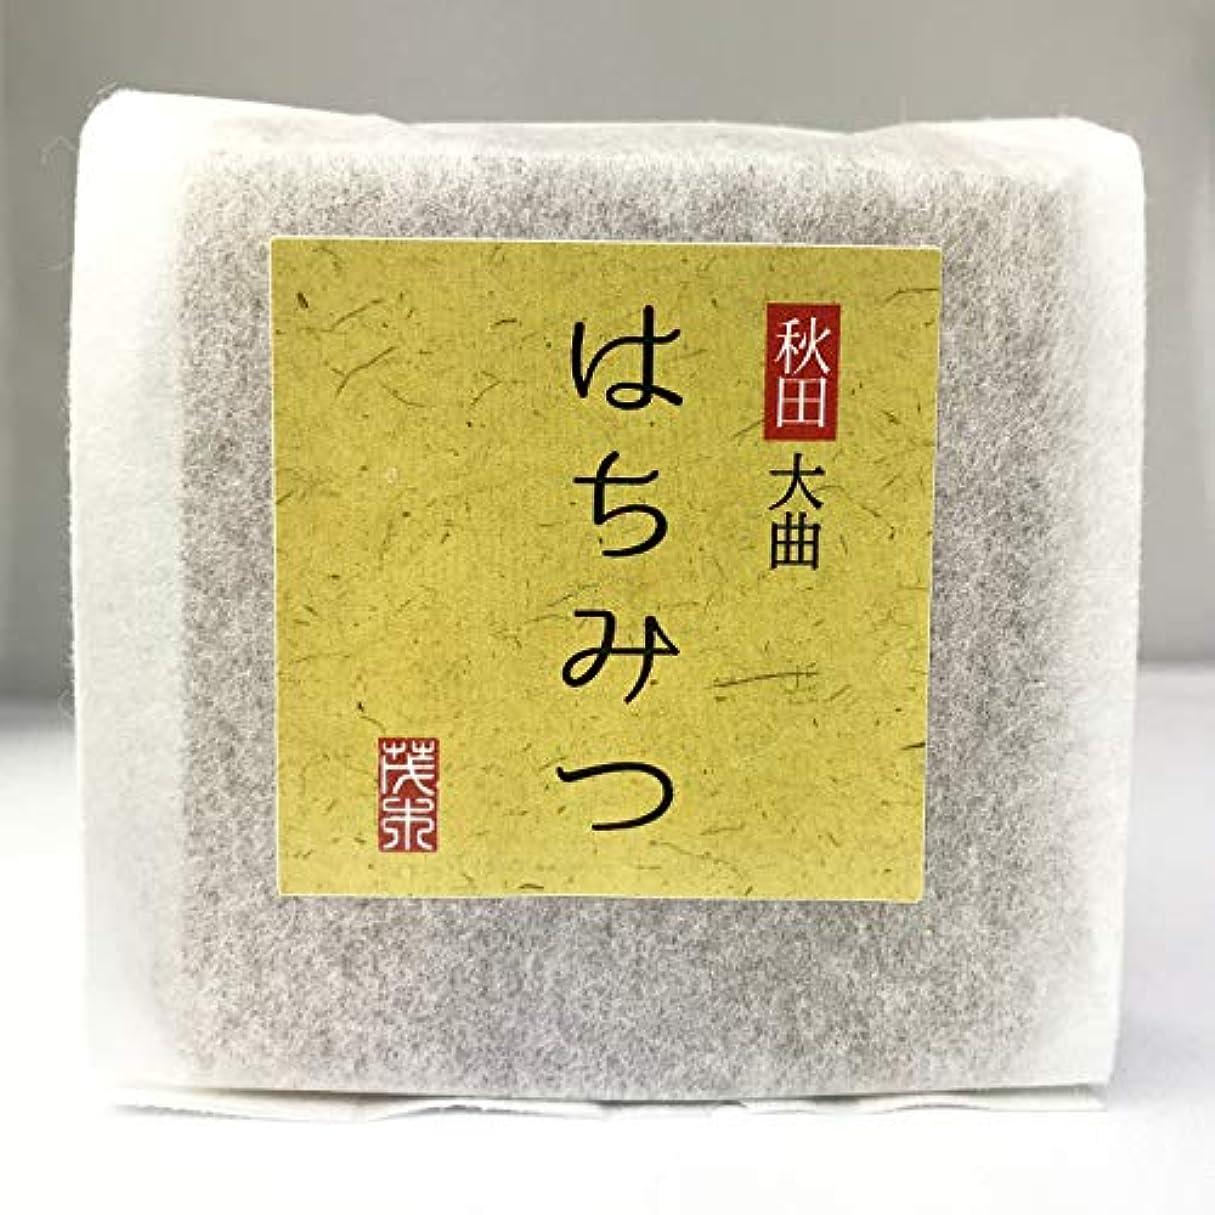 前奏曲許可するに対処する無添加石鹸 はちみつ石鹸 100g